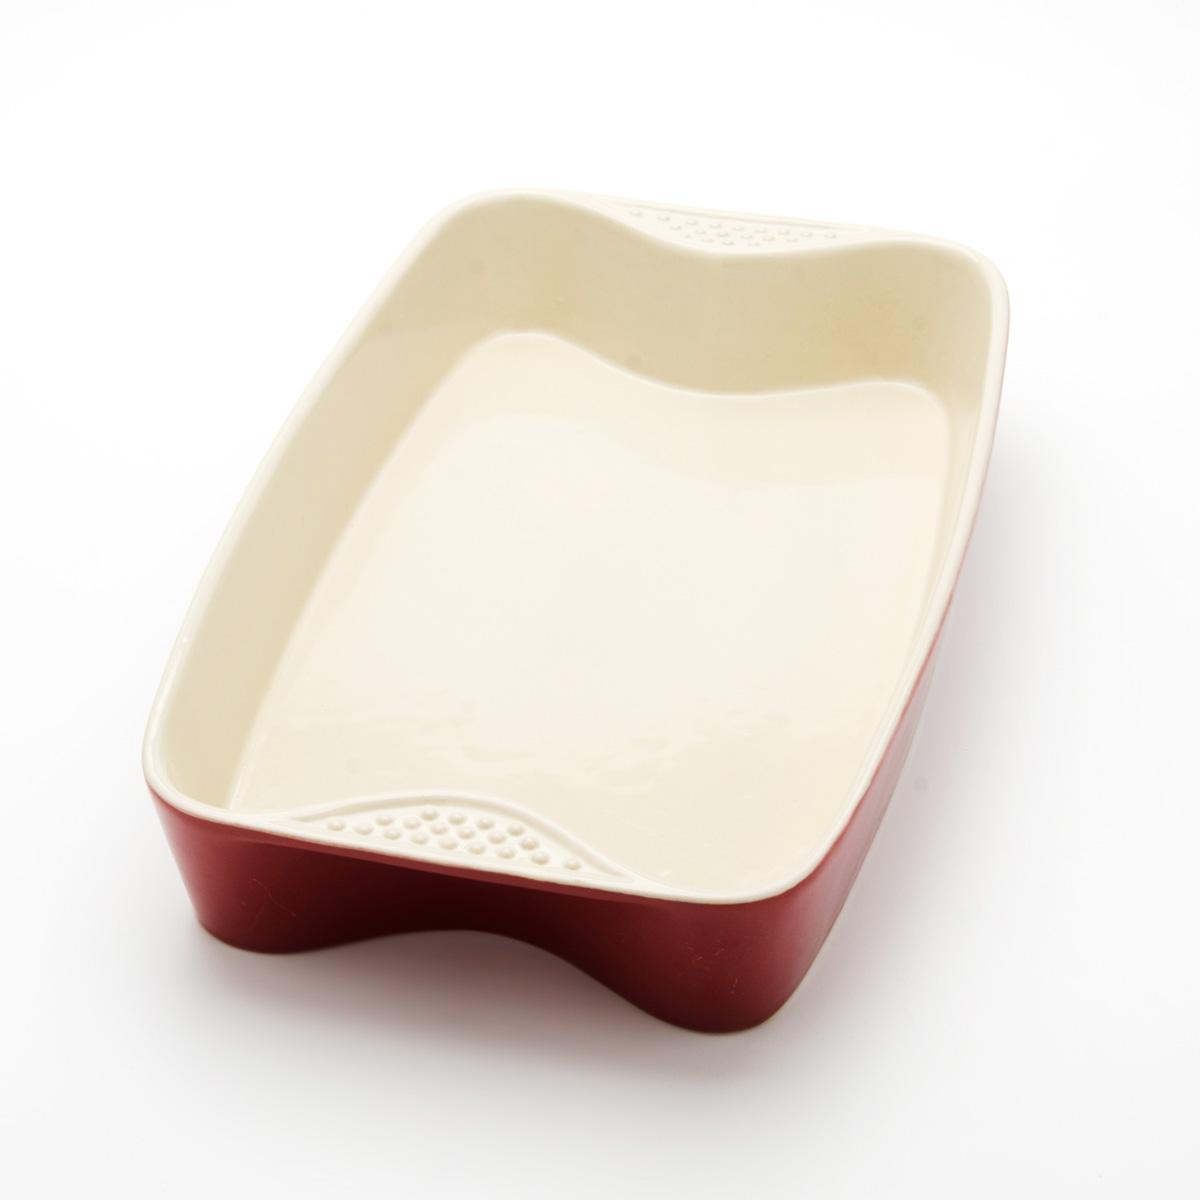 Противень Mayer & Boch, прямоугольный, цвет: красный, 33 см х 21 см х 5 см21762Противень Mayer & Boch изготовлен из высококачественной керамики и подходит для любого вида пищи. Элегантный дизайн идеально подходит для современного дома. Пища, приготовленная в керамической посуде, сохраняет свои вкусовые качества, и благодаря экологической чистоте материала, не может нанести вред здоровью человека. Керамика - один из самых лучших материалов, который удерживает тепло, медленно и равномерно его распределяет. Максимальный нагрев - 400°С. С таким противнем вы всегда сможете порадовать своих близких оригинальным блюдом.Противень можно использовать в микроволновой печи и духовом шкафу, замораживать в холодильнике. Можно мыть в посудомоечной машине.Размер противня (ДхШхВ): 33 см х 21 см х 5 см.Толщина стенок: 6-7 мм.